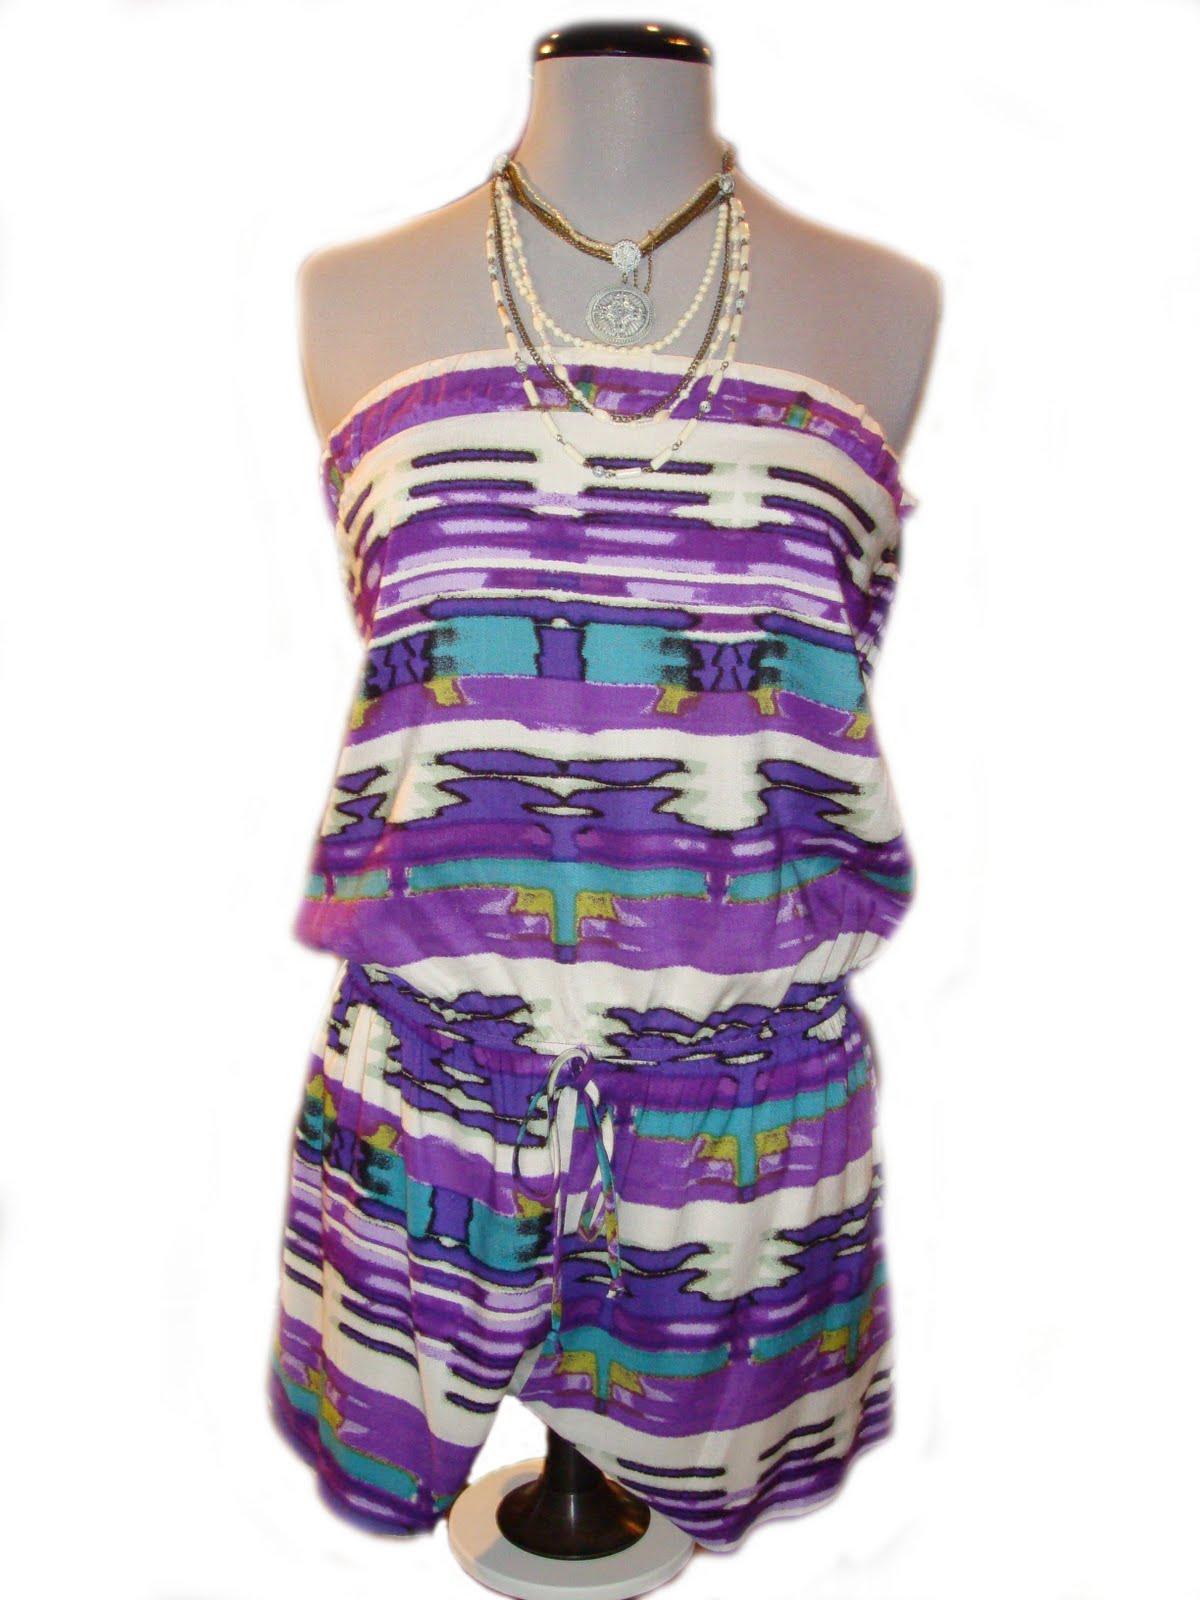 http://3.bp.blogspot.com/-S125H1BXNzY/TfJMRBrqjtI/AAAAAAAAAHM/yxTvFlpiaTQ/s1600/purple+romper.jpg